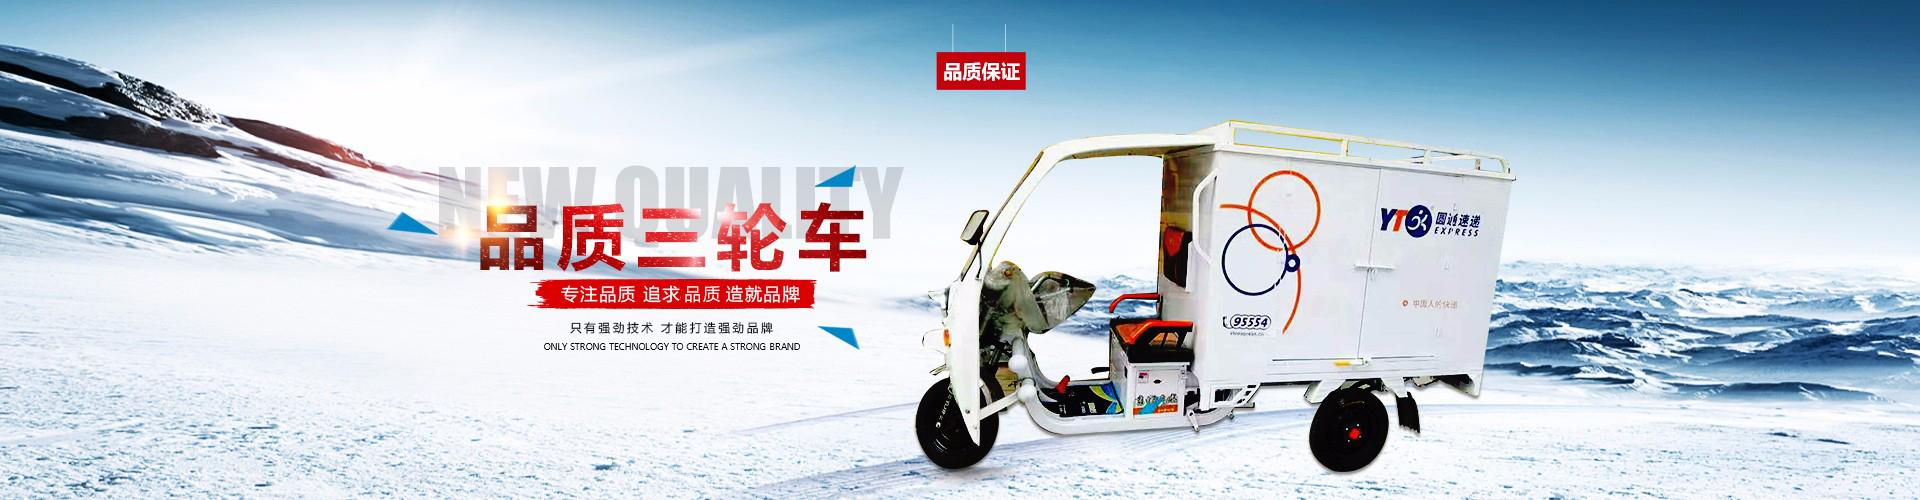 北京汇利广达商贸有限公司